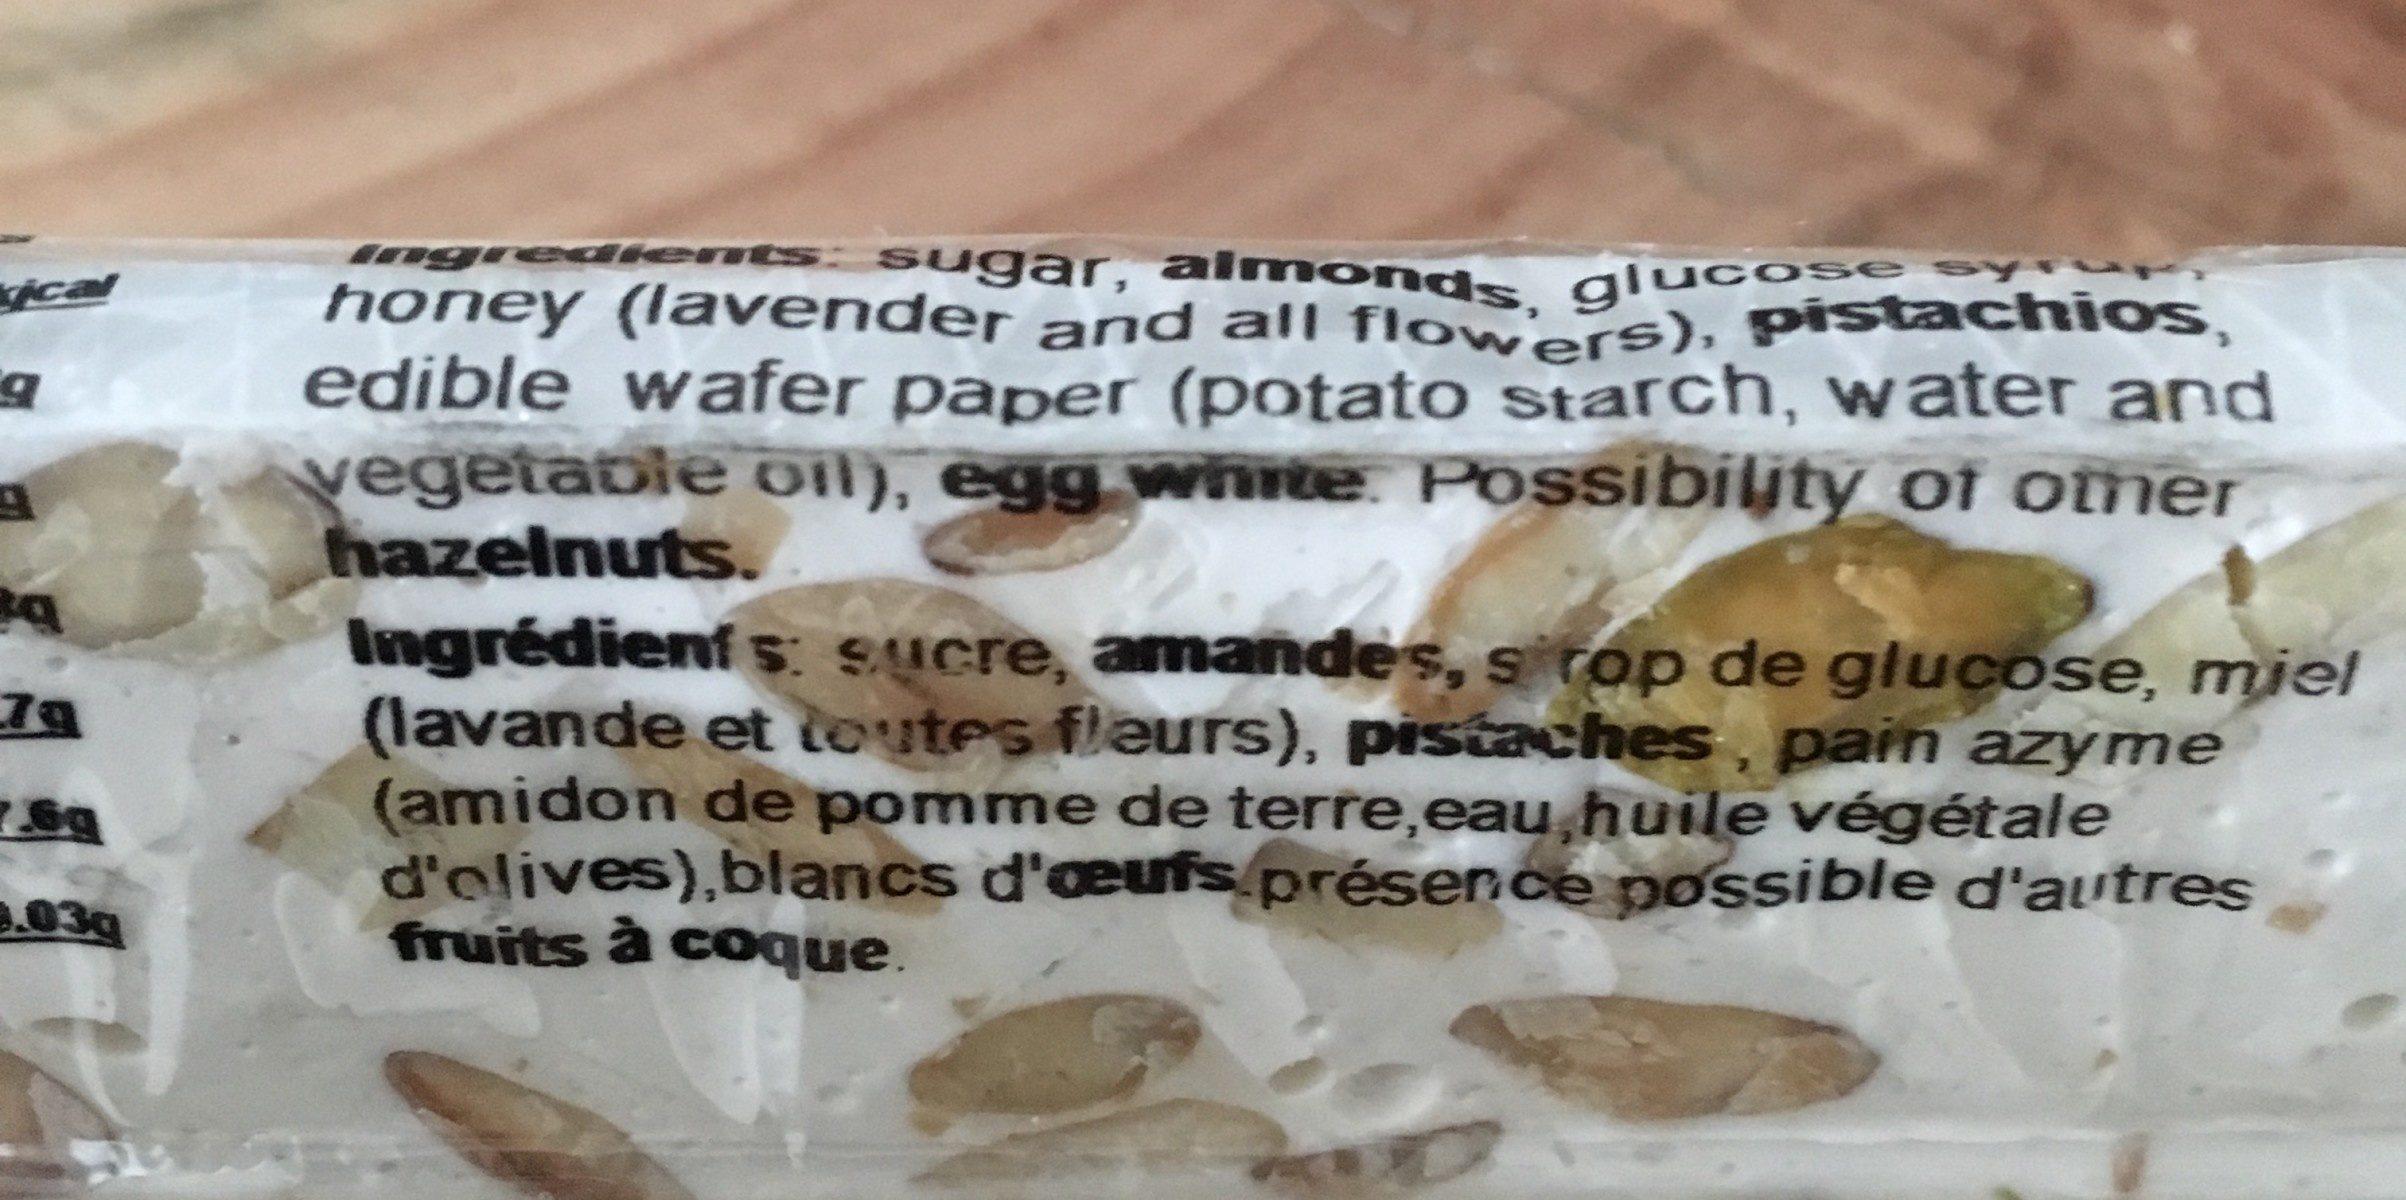 Nougats de montelimar - Ingrédients - fr